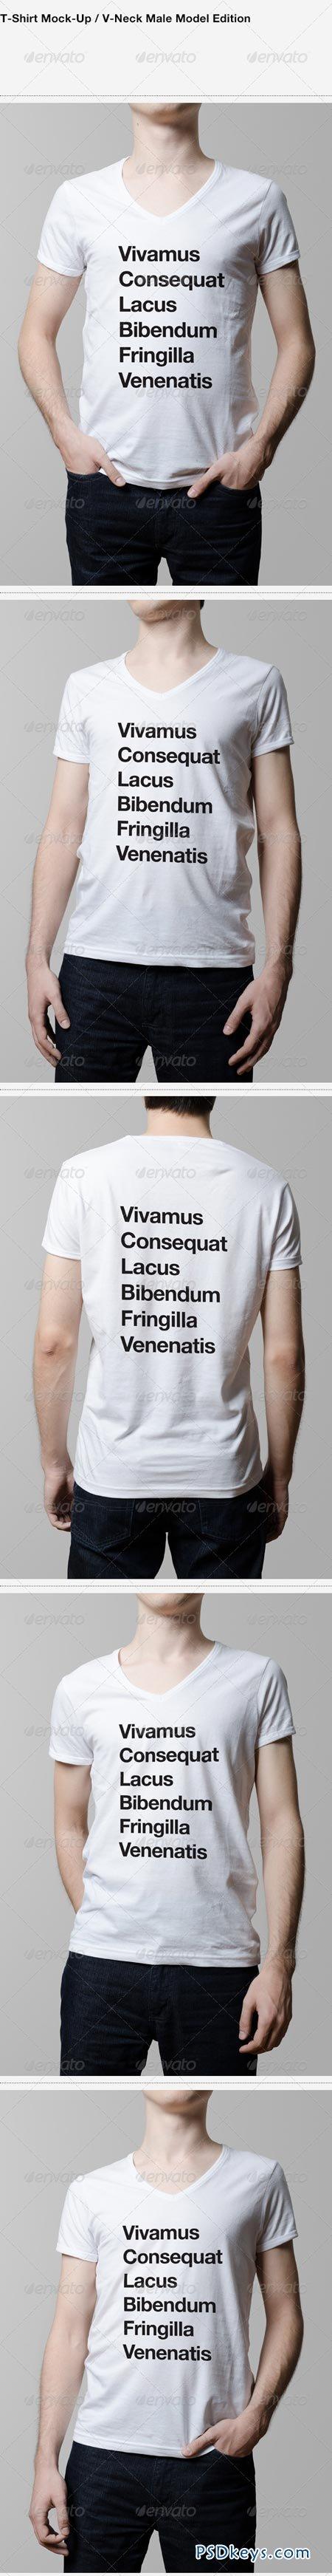 T shirt mock up v neck male model edition 6215597 free for T shirt mock ups